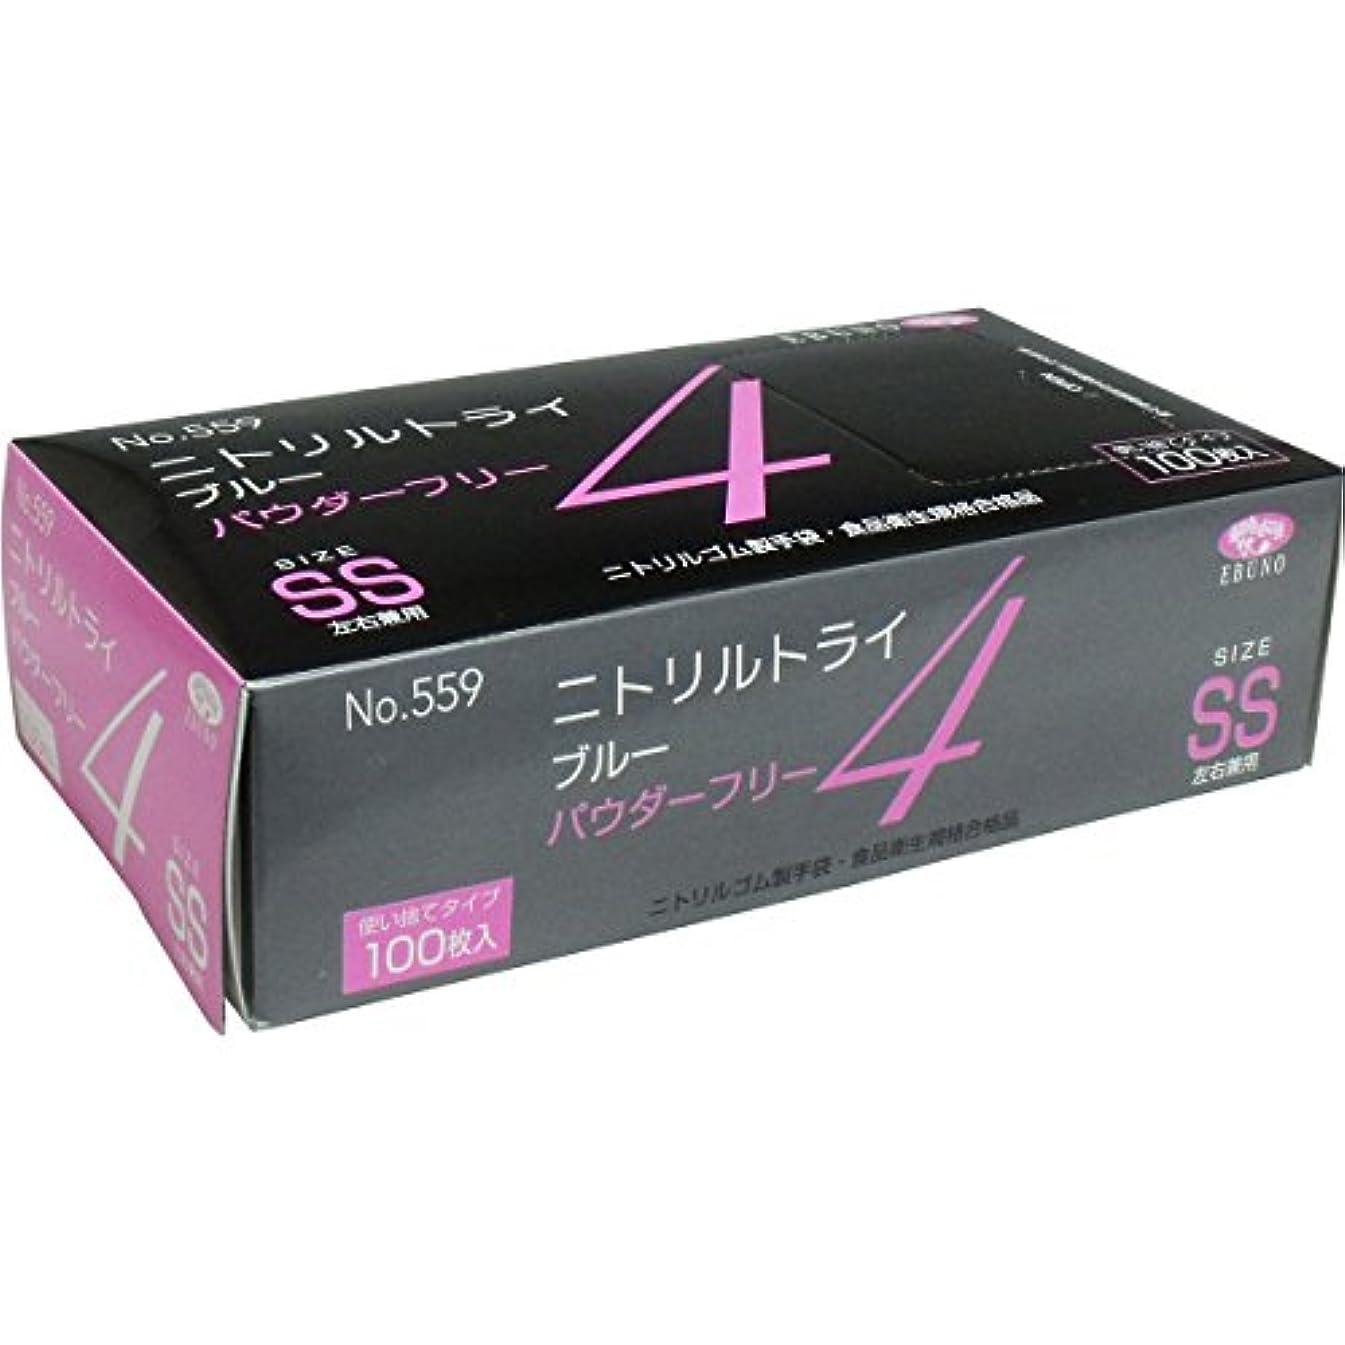 タブレットのスコア芸術的ニトリルトライ4 №559 ブルー 粉無 SSサイズ 100枚入